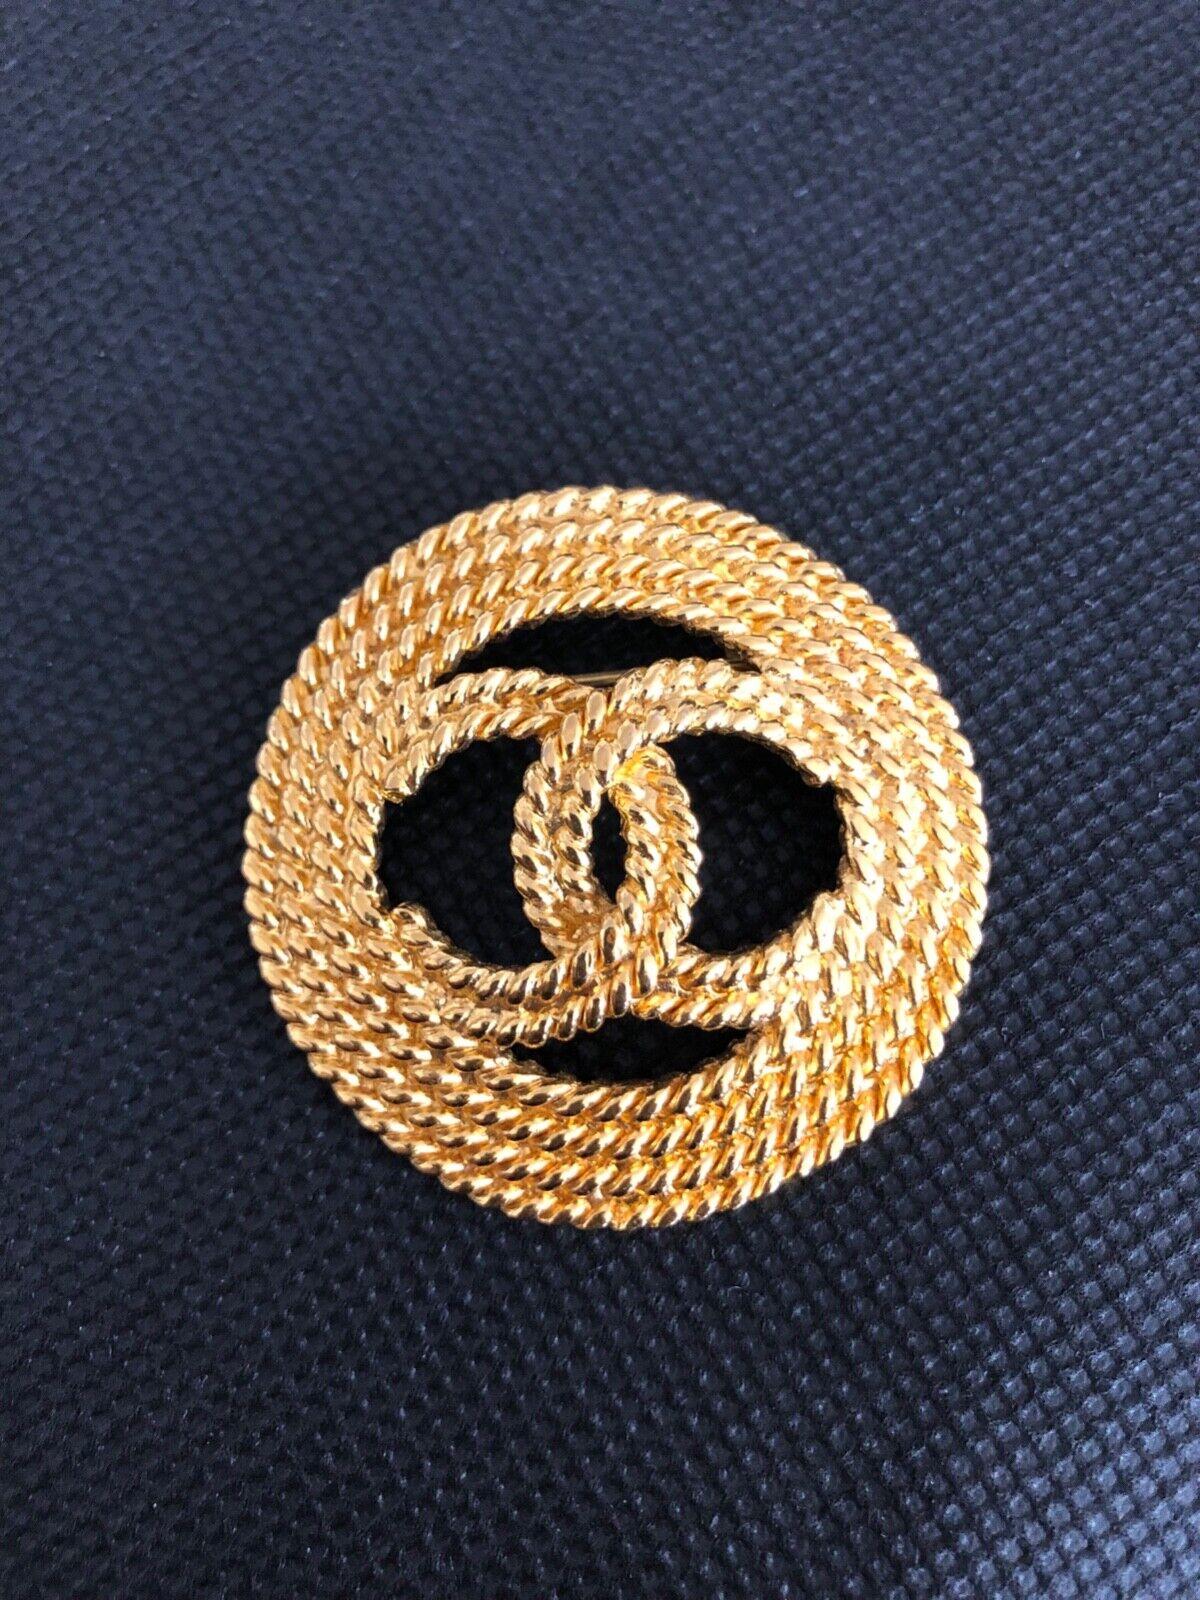 Broche chanel vintage - métal dore - diamètre 4.8 cm - excellent état